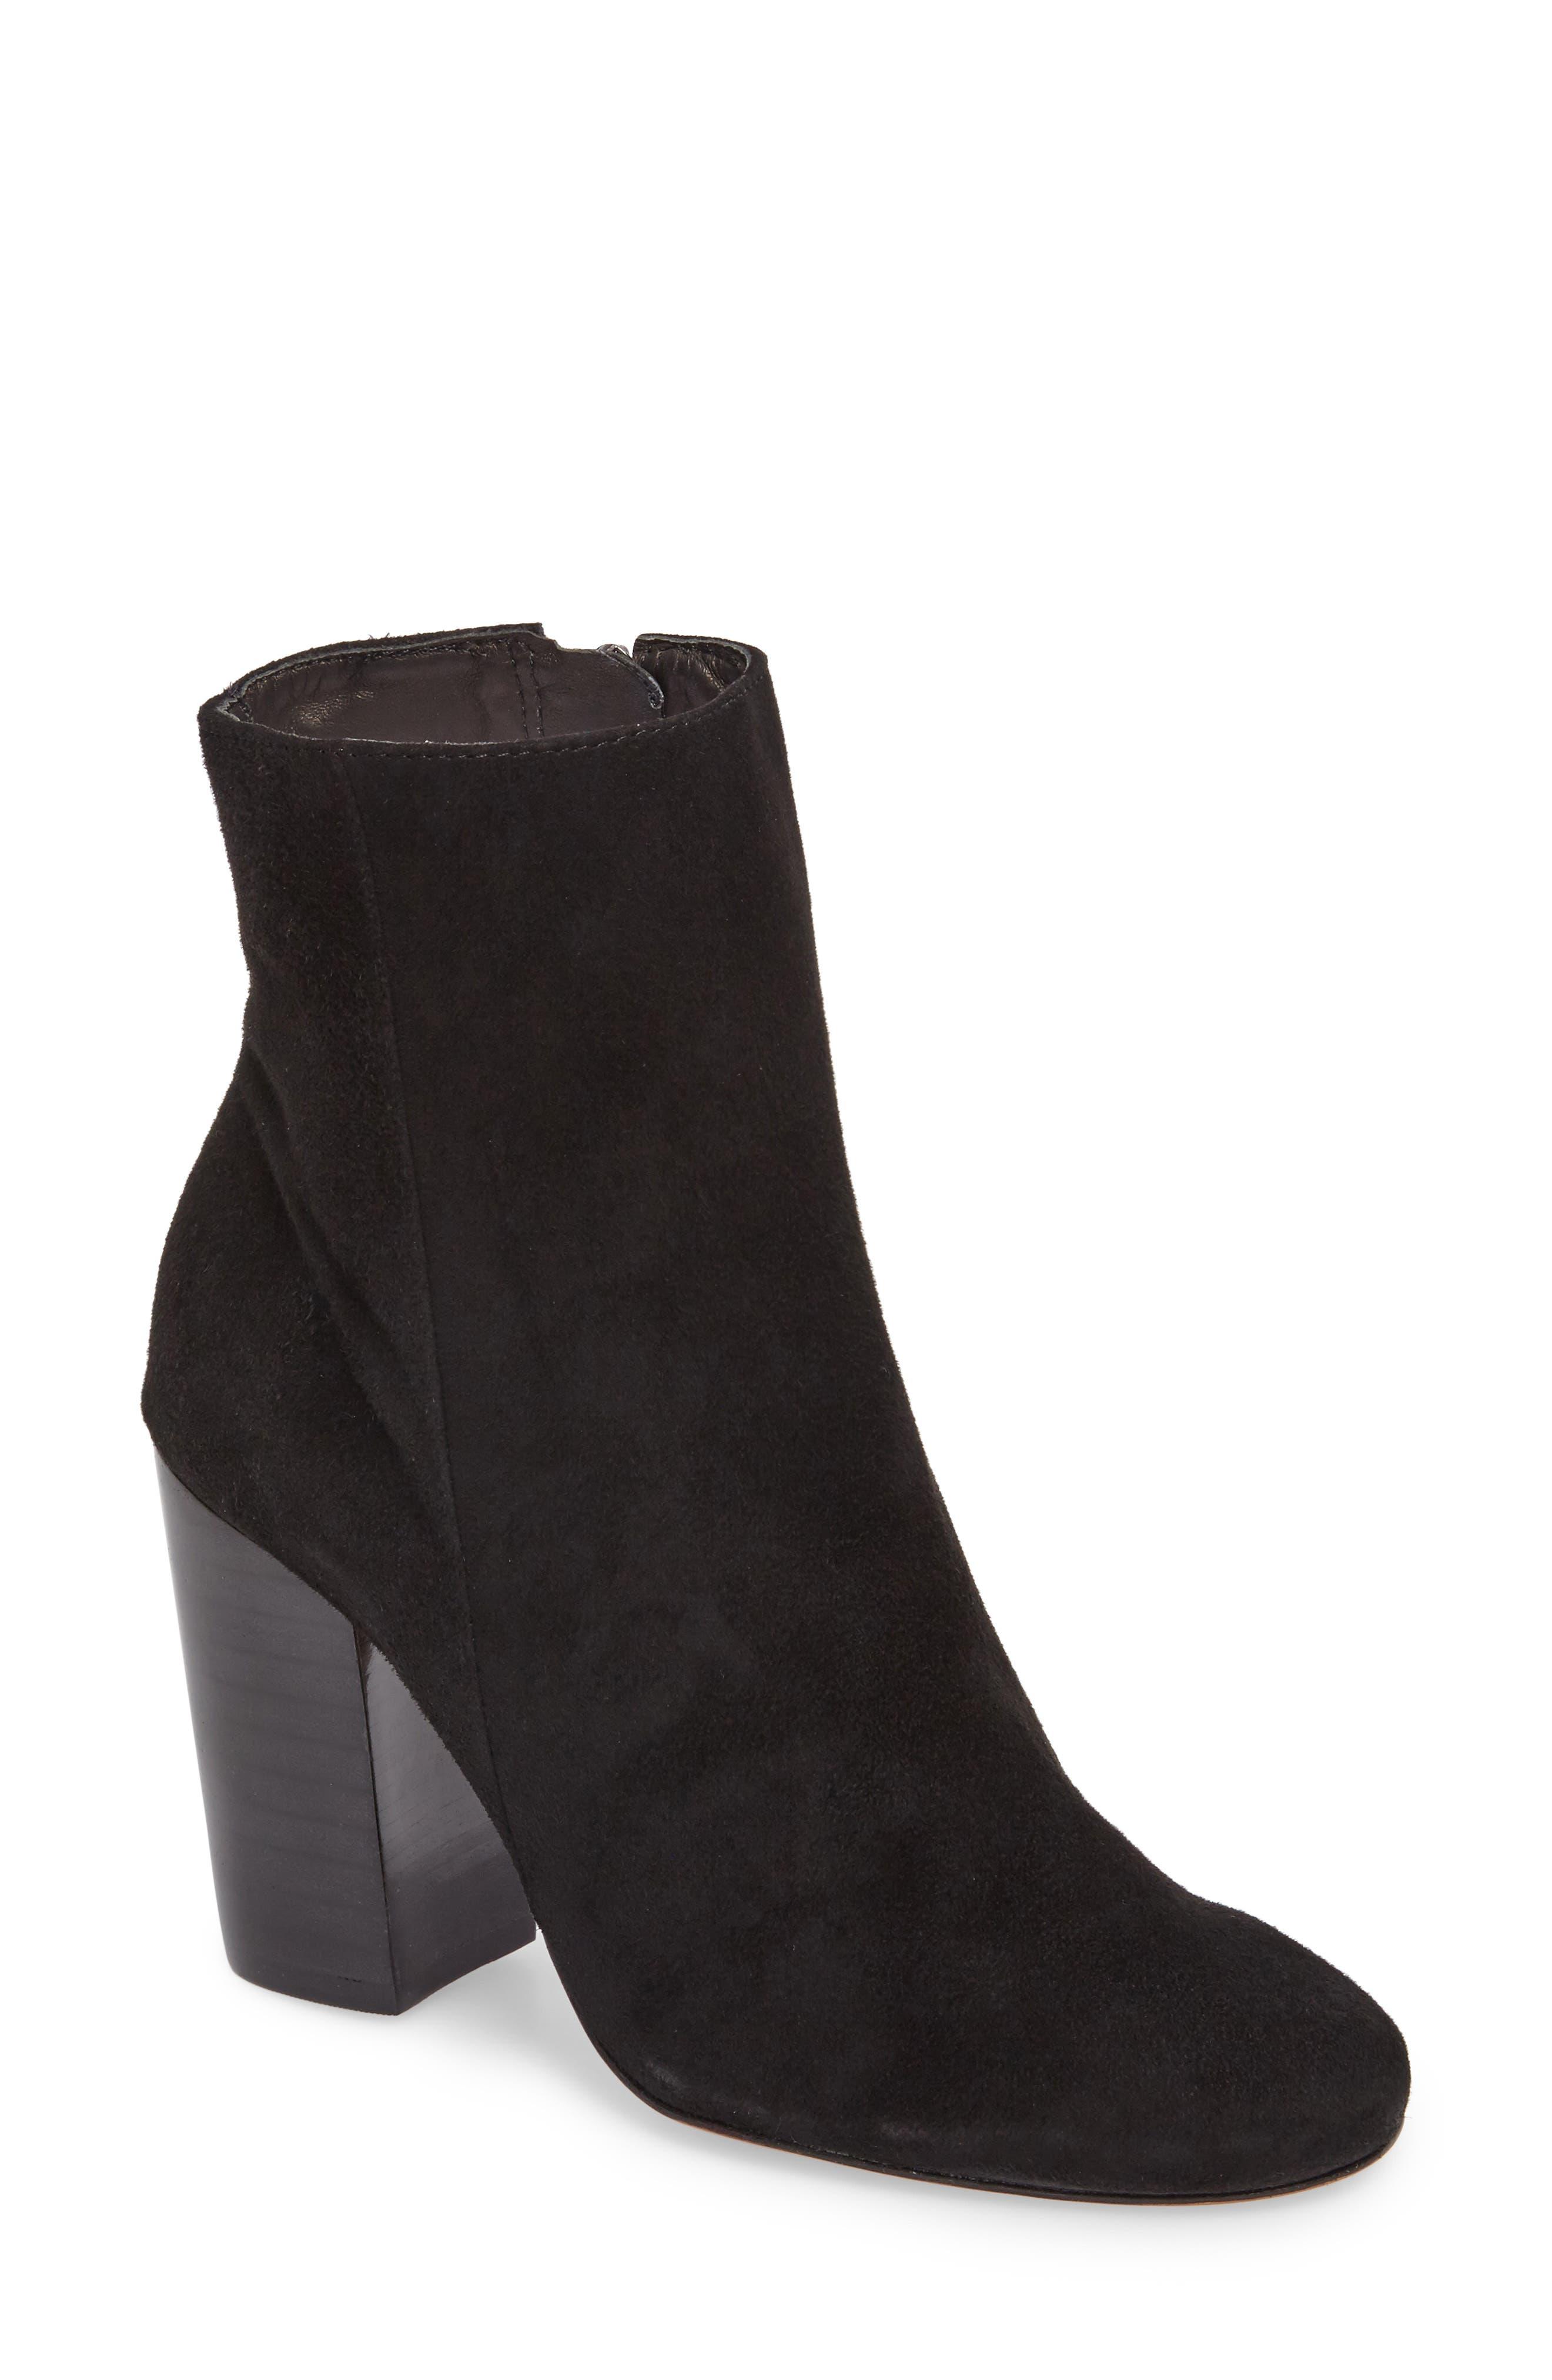 Ravan Block Heel Bootie,                         Main,                         color, Black Suede